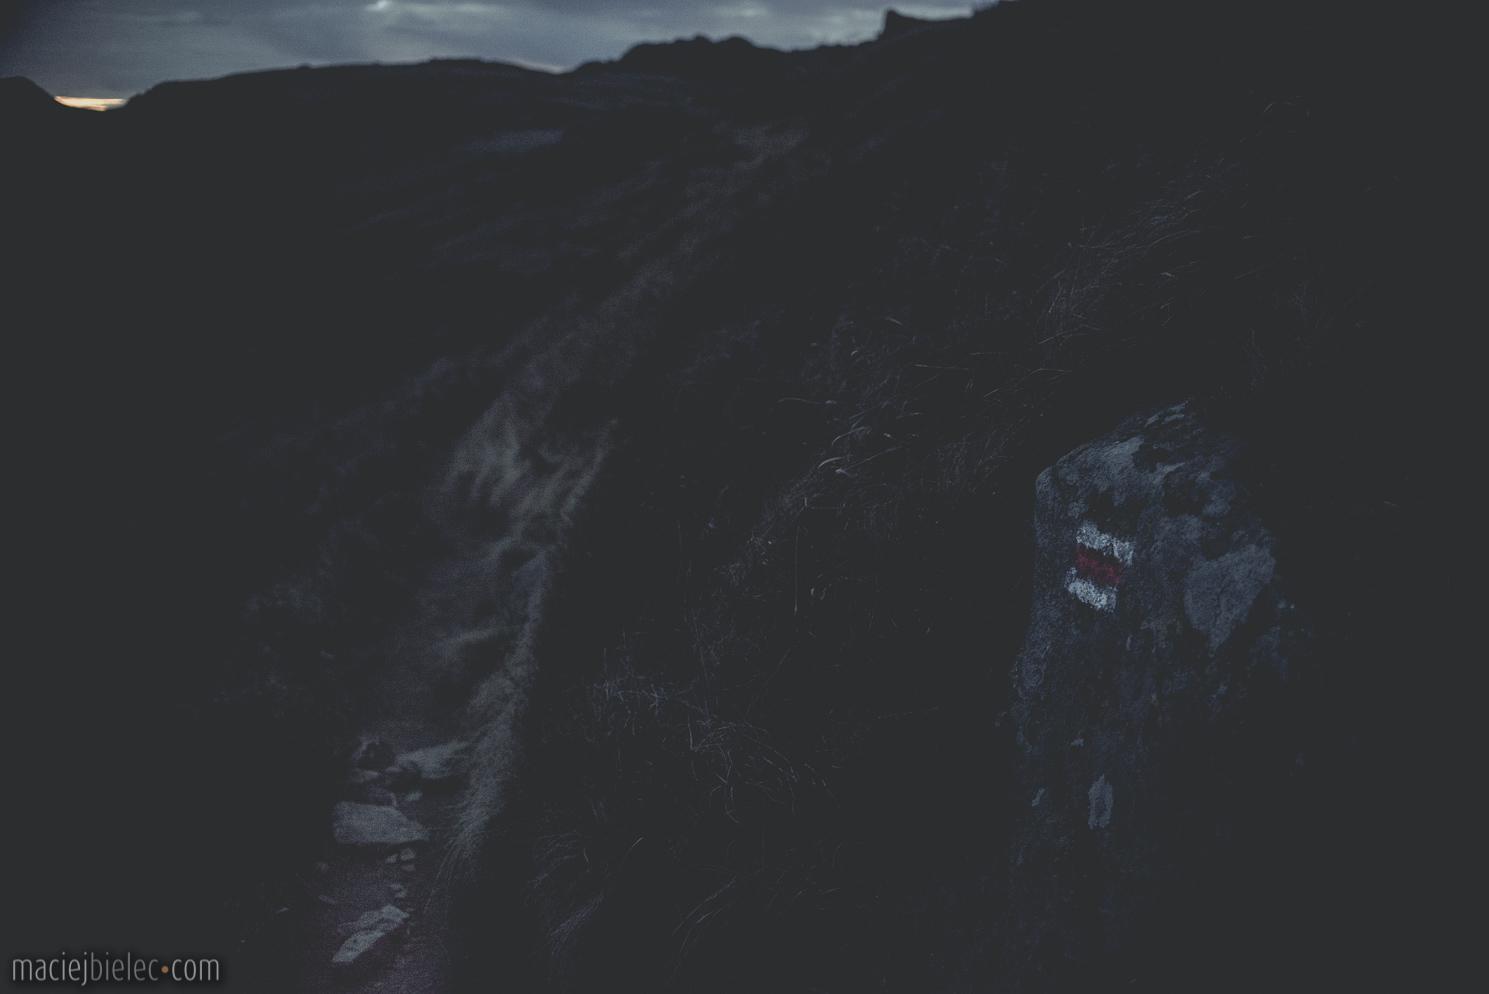 Szlak bieszczadzki nocą